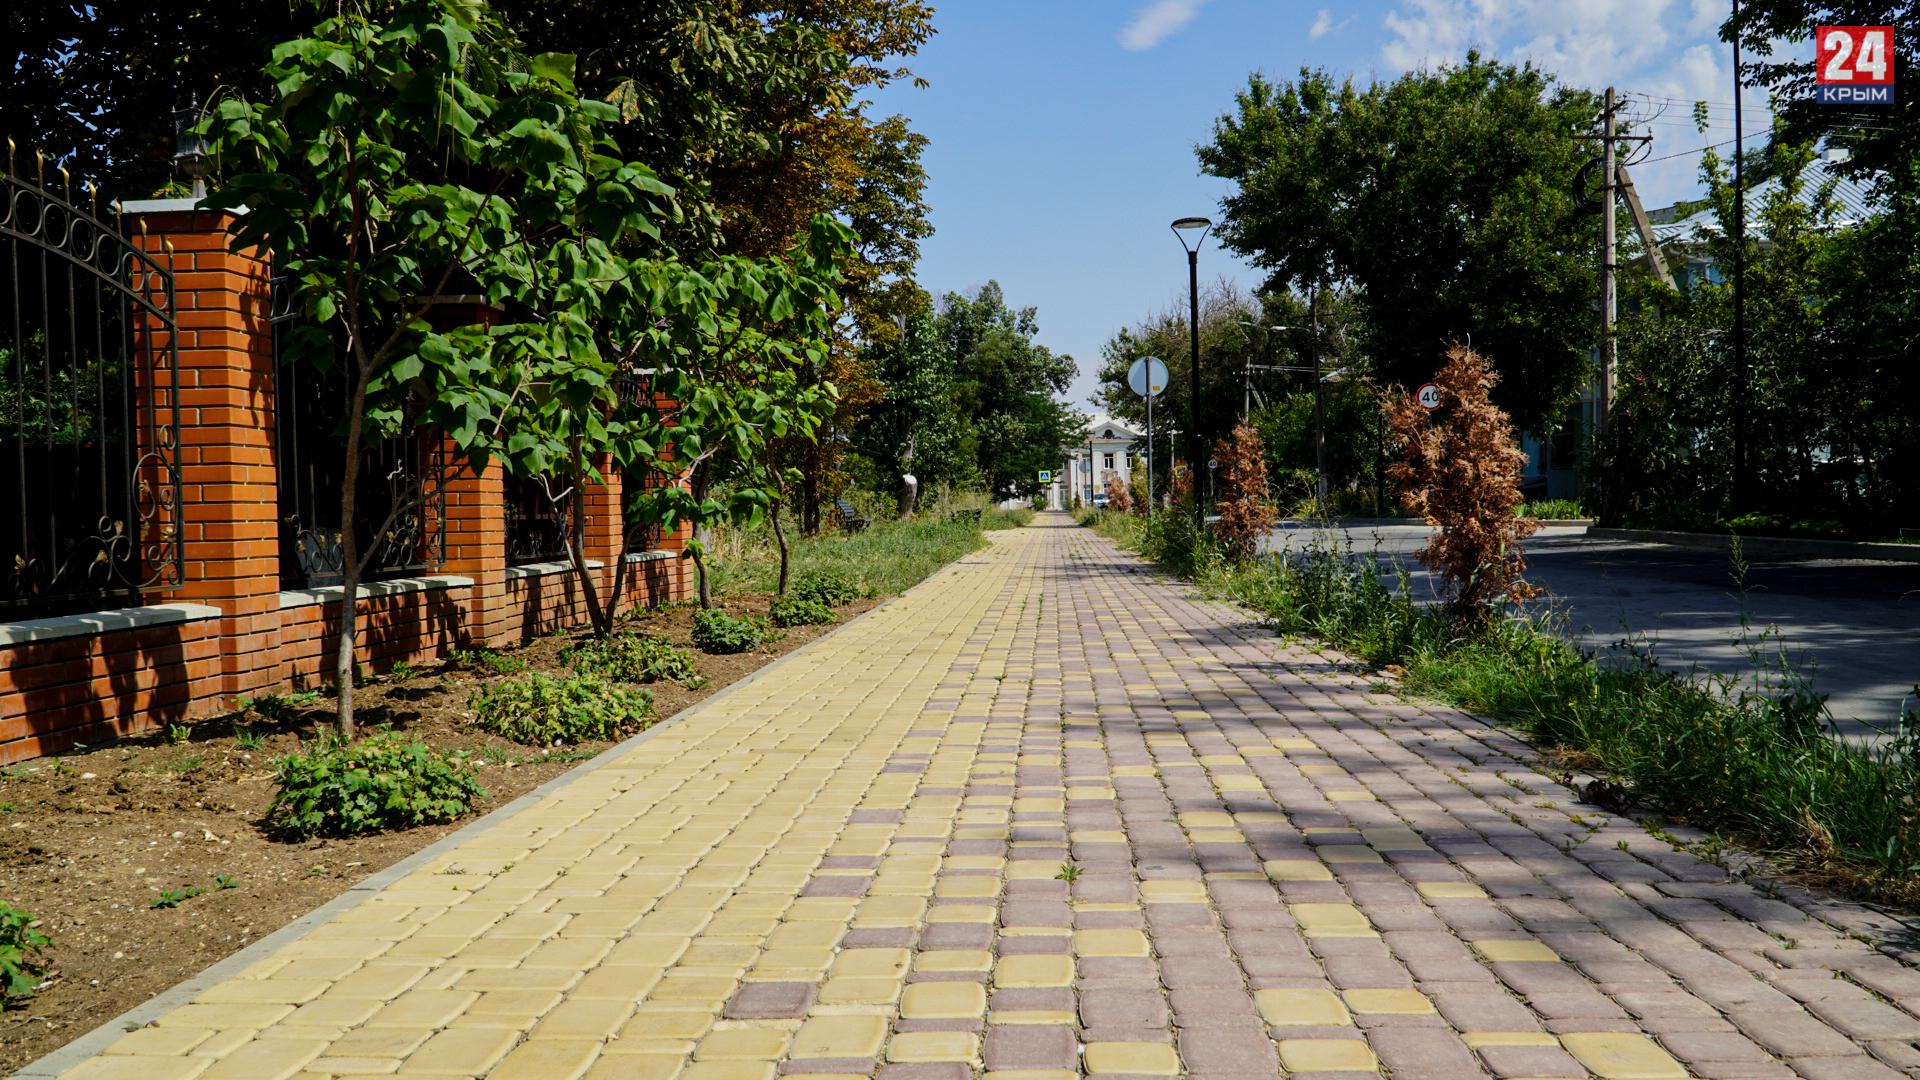 До и после: как за последние несколько лет изменились набережная и улица Курортная в Саках